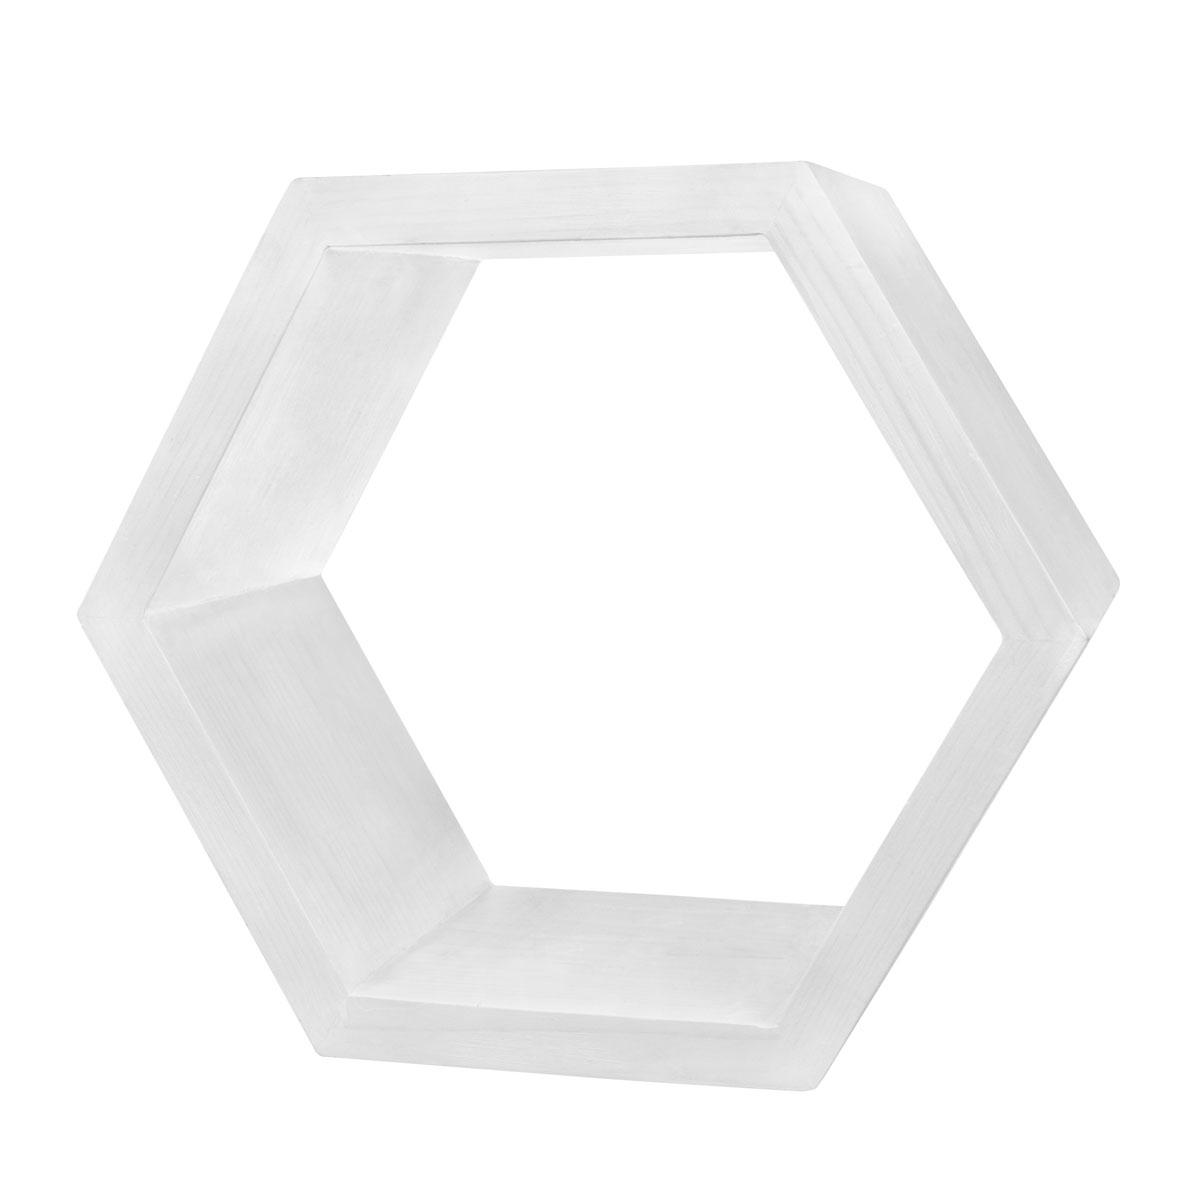 Декоративная полка EcoWoo 50 см, цвет: белыйDSH10NWОригинальные деревянные полки шестигранники. Отличное решение для декорирования комнаты. Несколько полок можно складывать в причудливые сочетания, ограниченные только вашей фантазией. Любой цвет и размер. Станьте креативными дизайнерами своего жилого пространства!